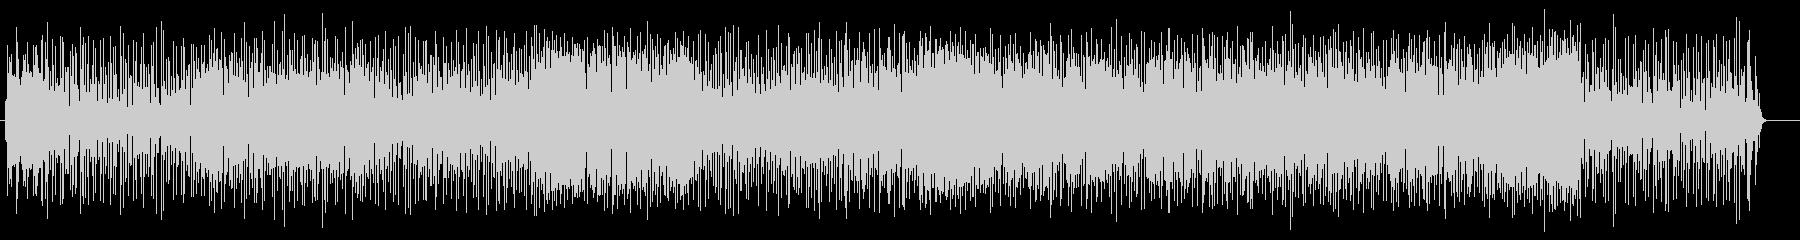 ゲームBGMコミカル電子音サウンドの未再生の波形